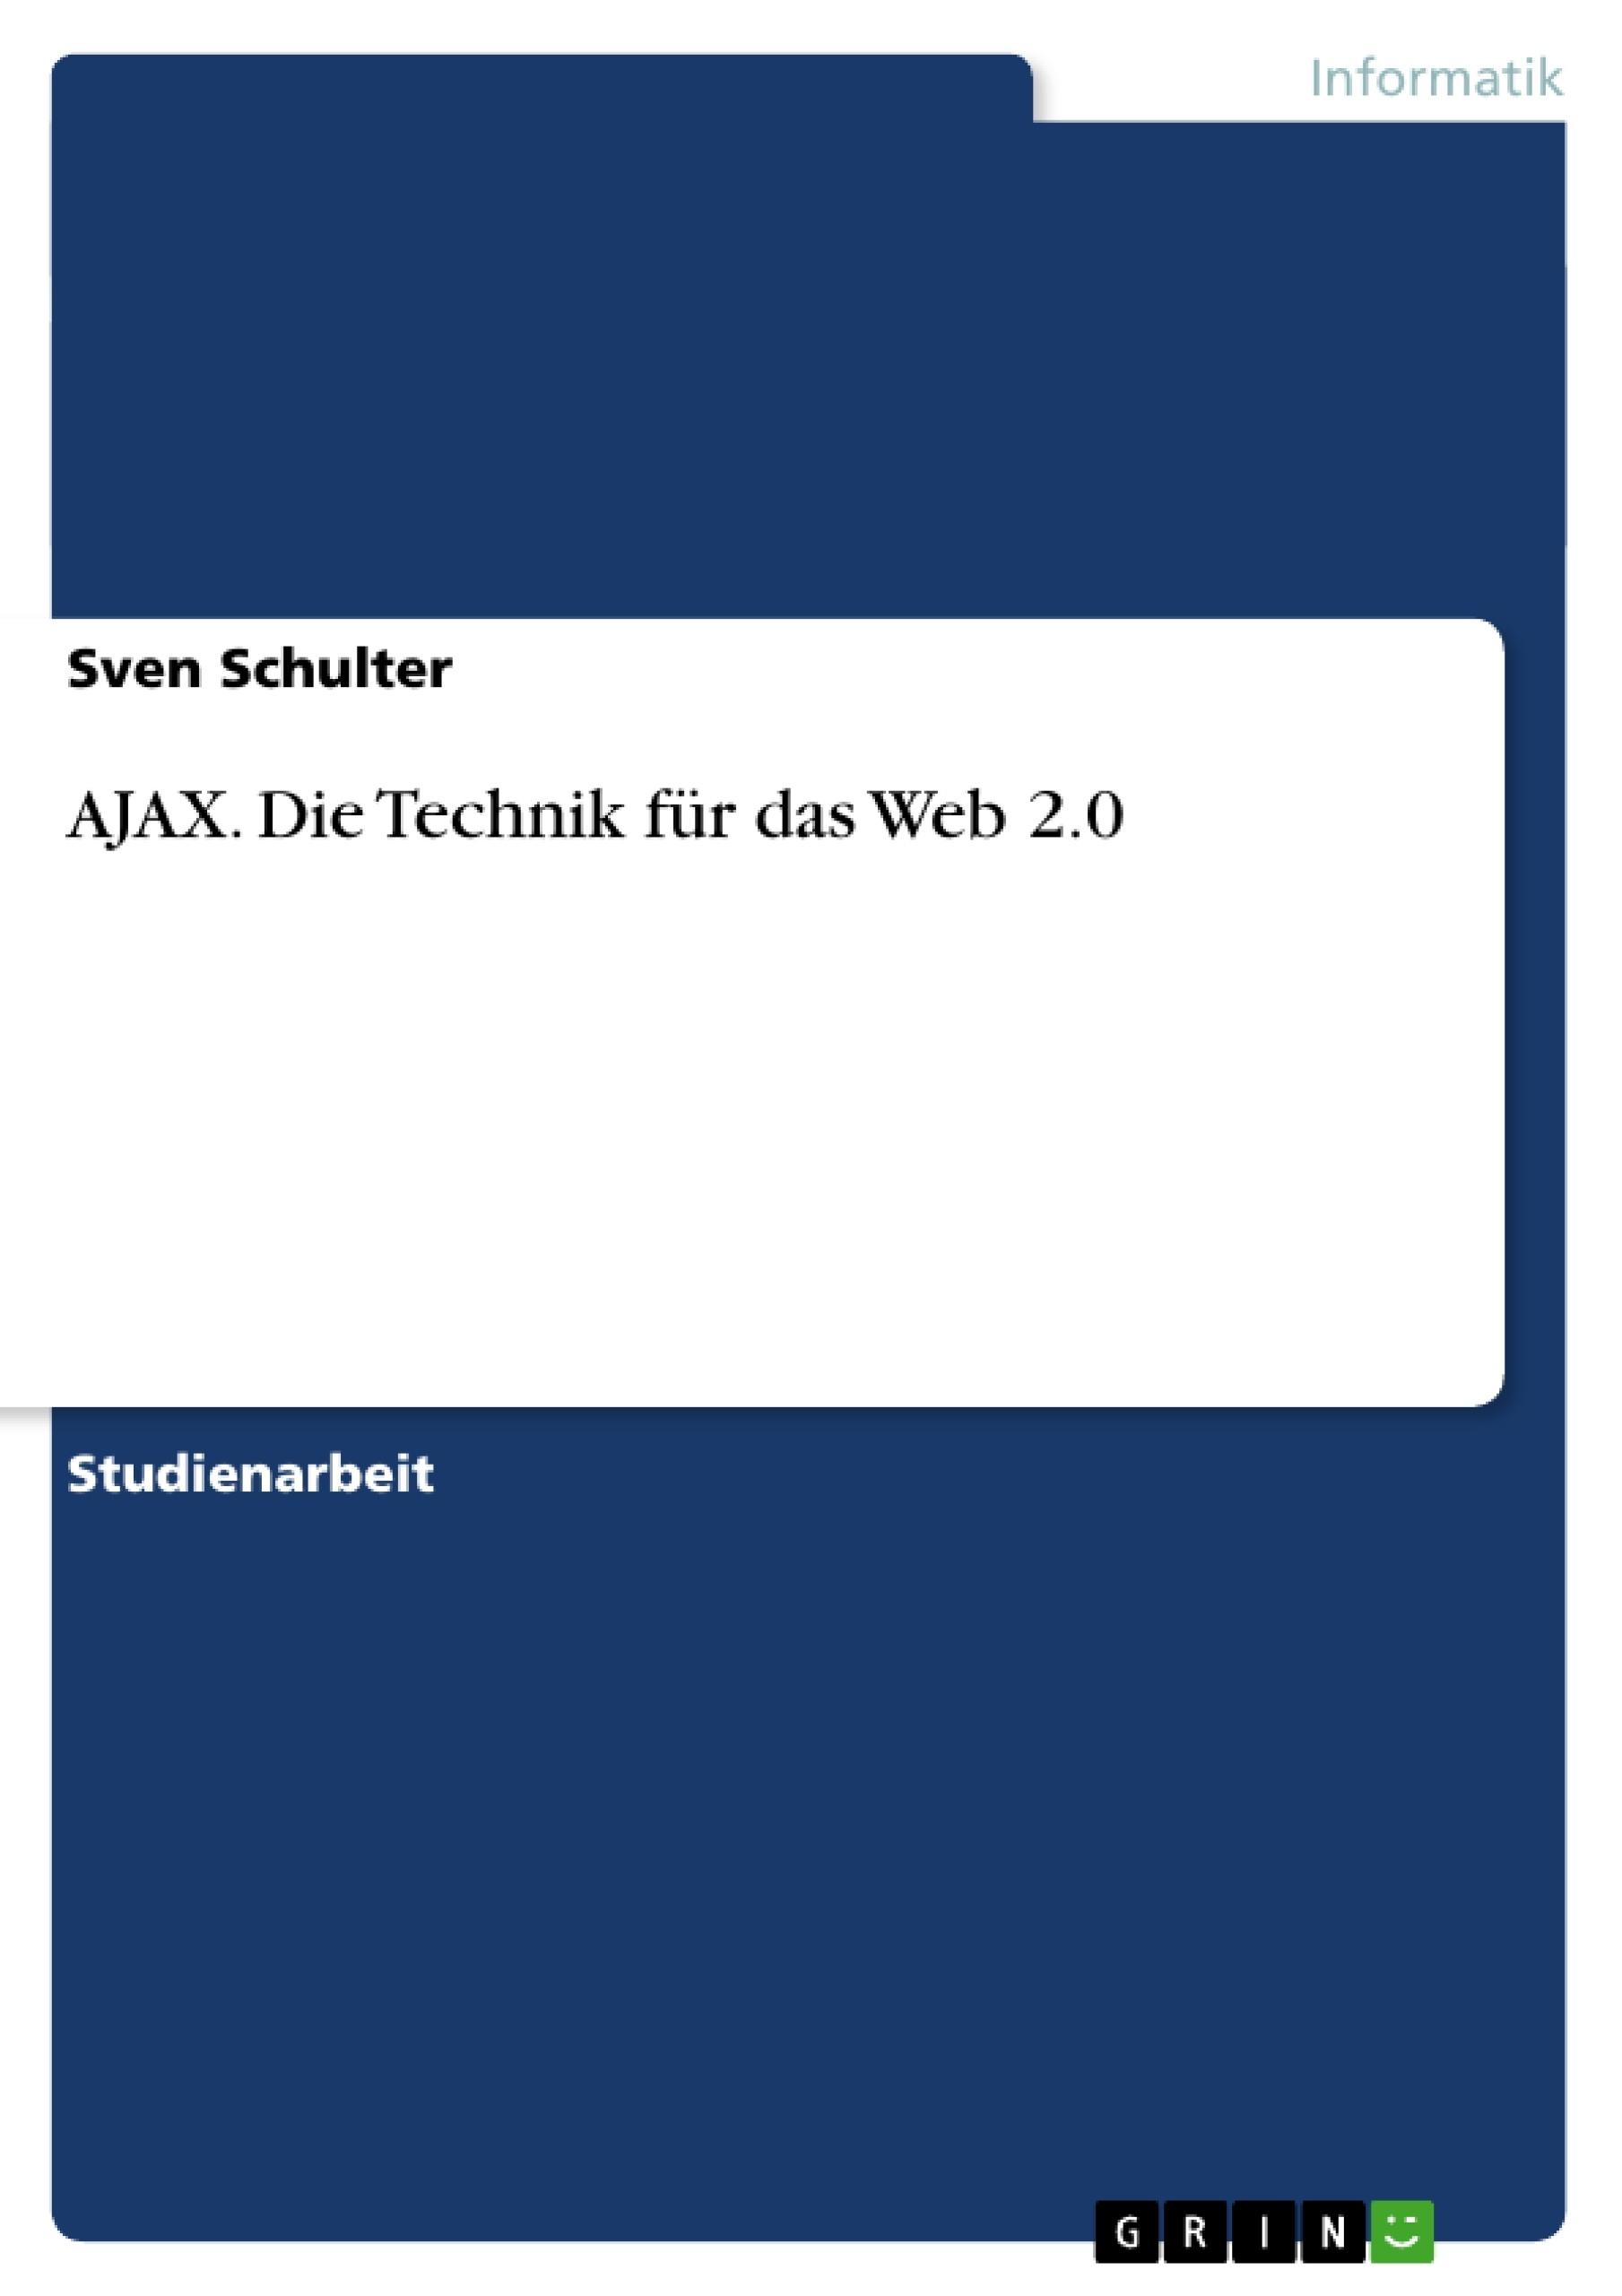 Titel: AJAX. Die Technik für das Web 2.0